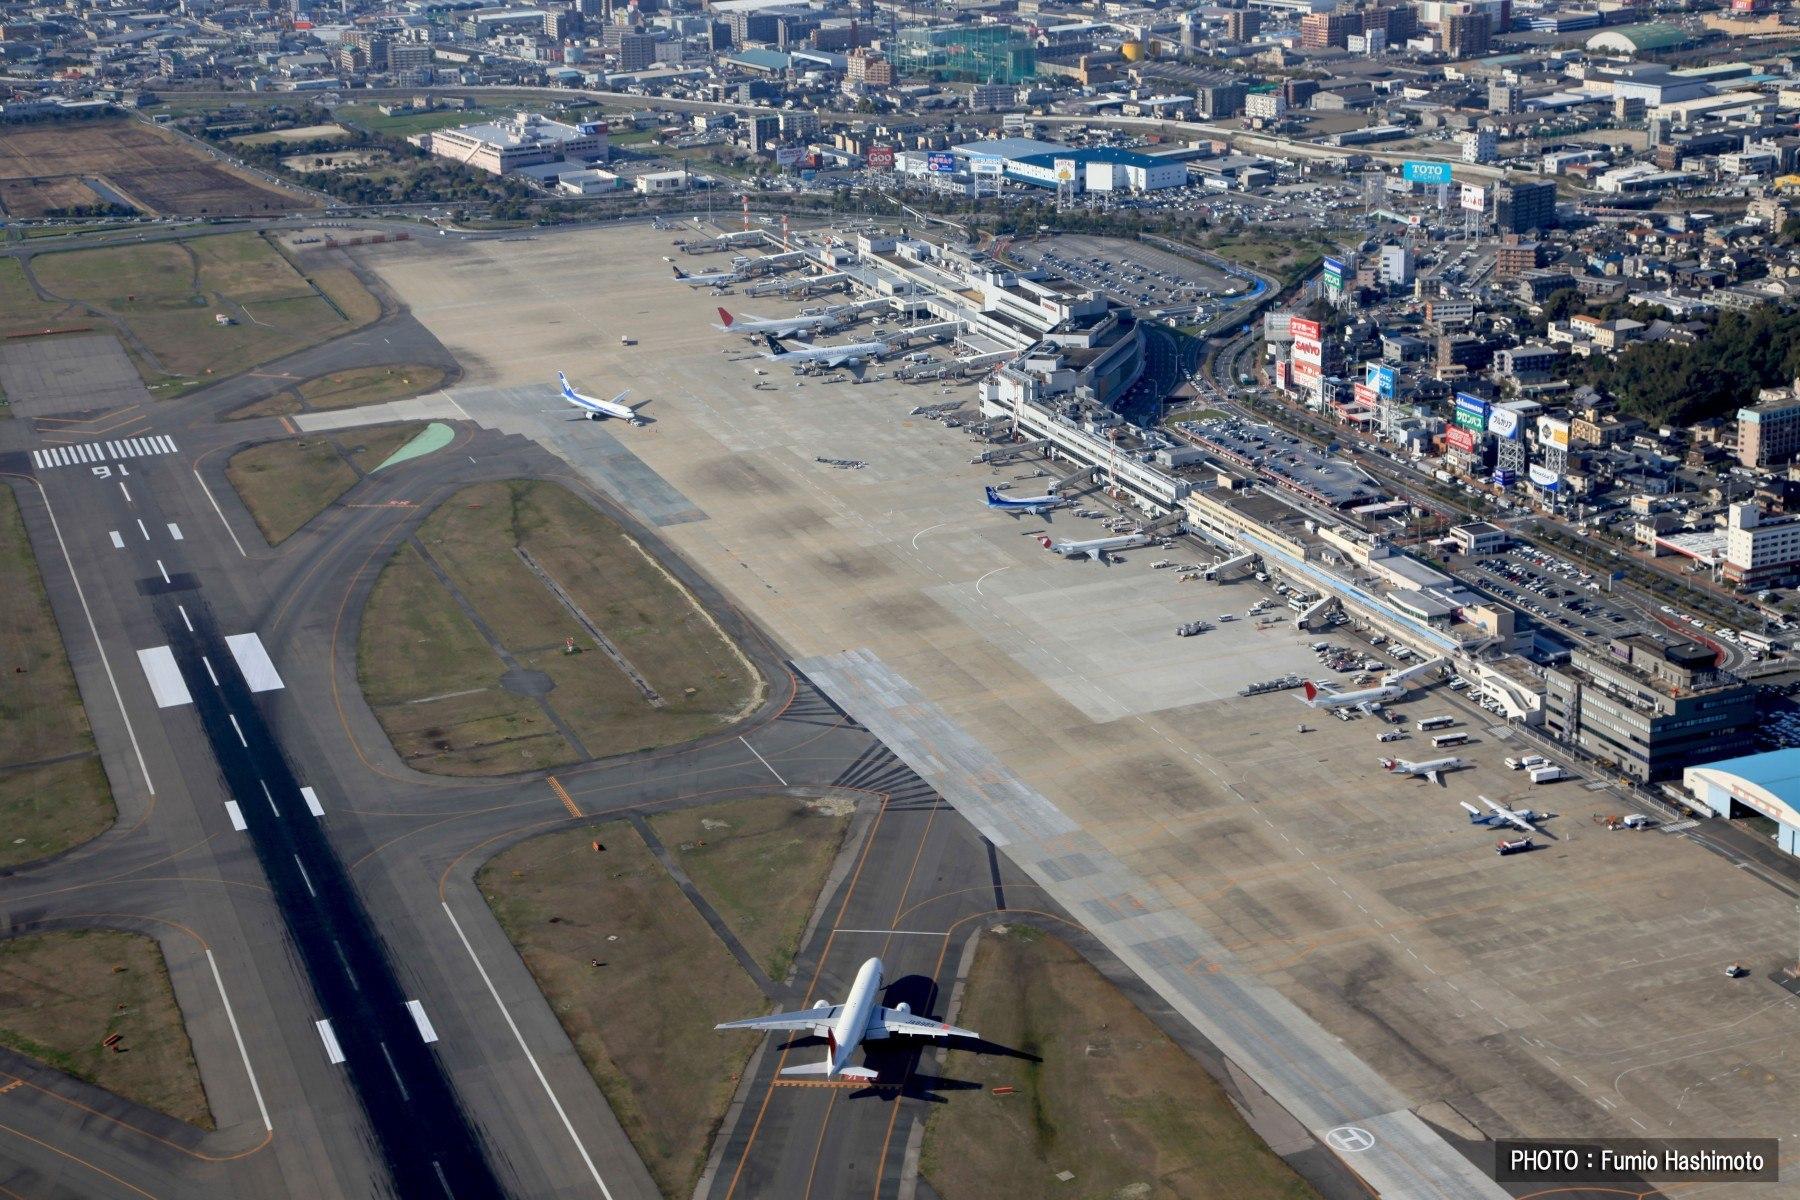 후쿠오카 국제공항(2009)의 이미지